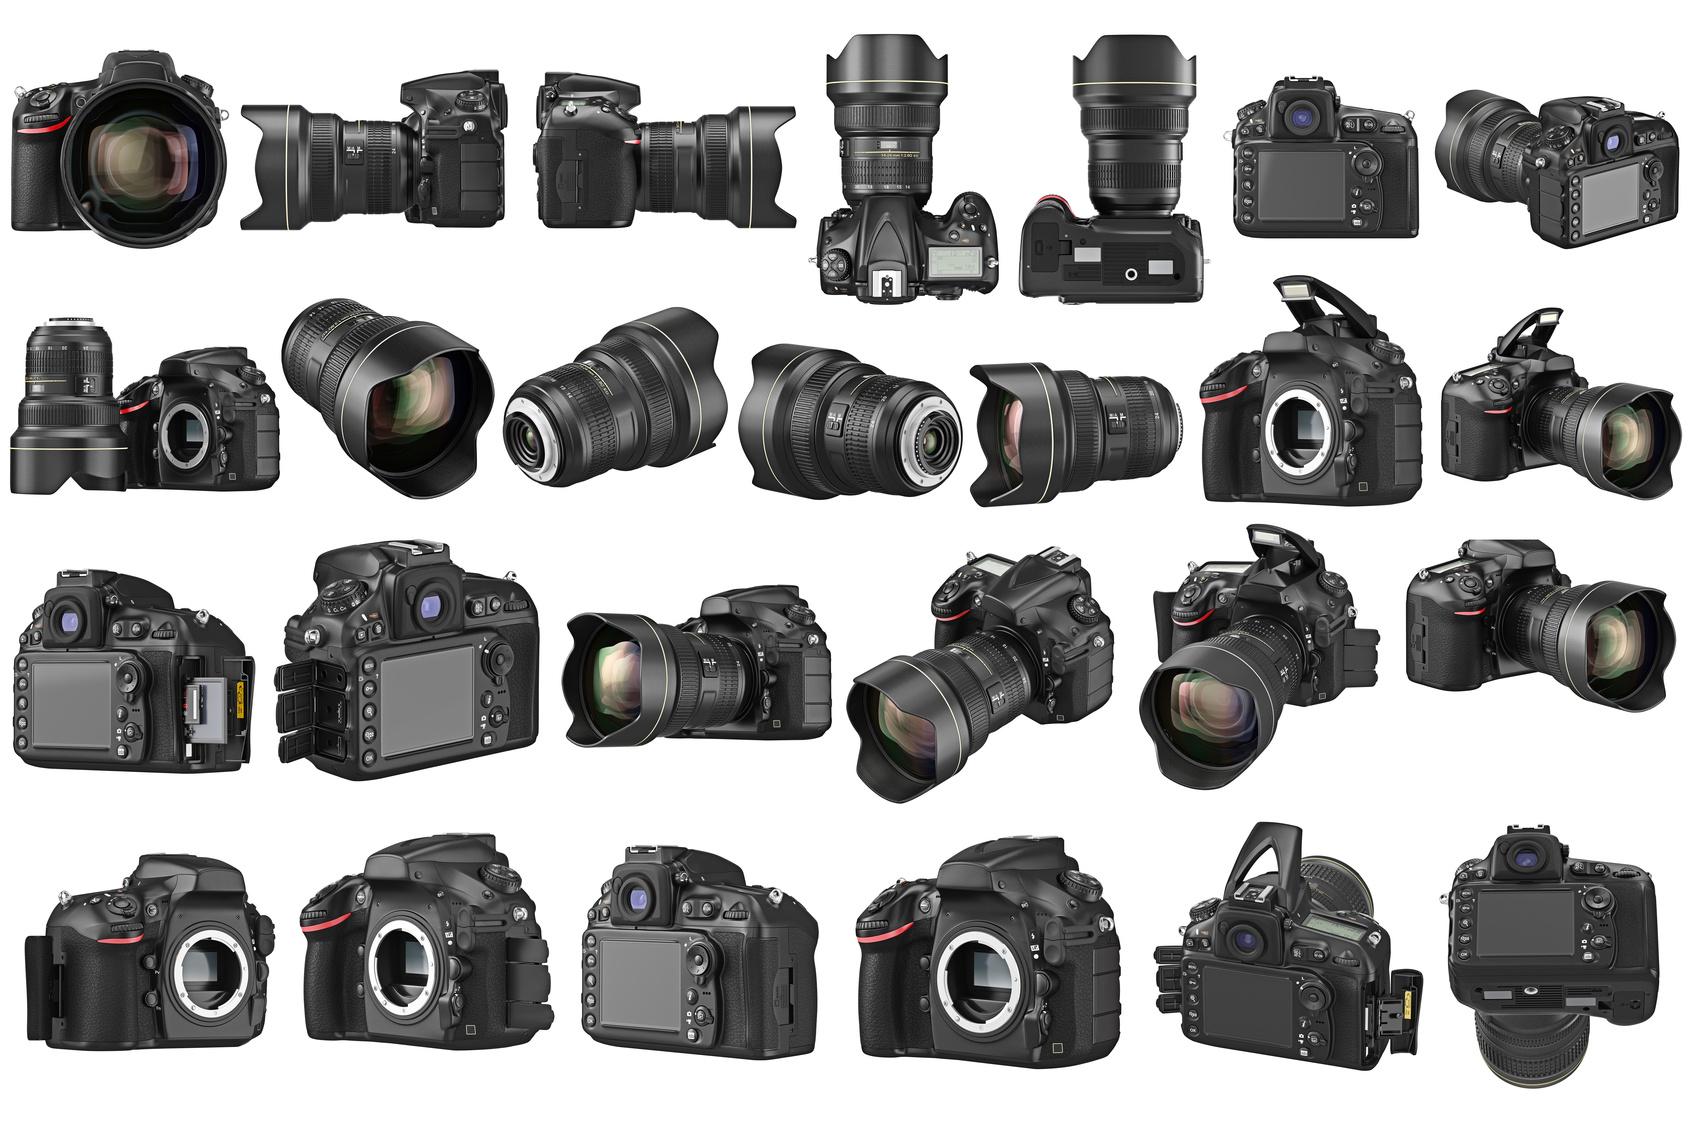 Kompaktkamera, meine Empfehlungen, wenn es keine DSLR sein muss!